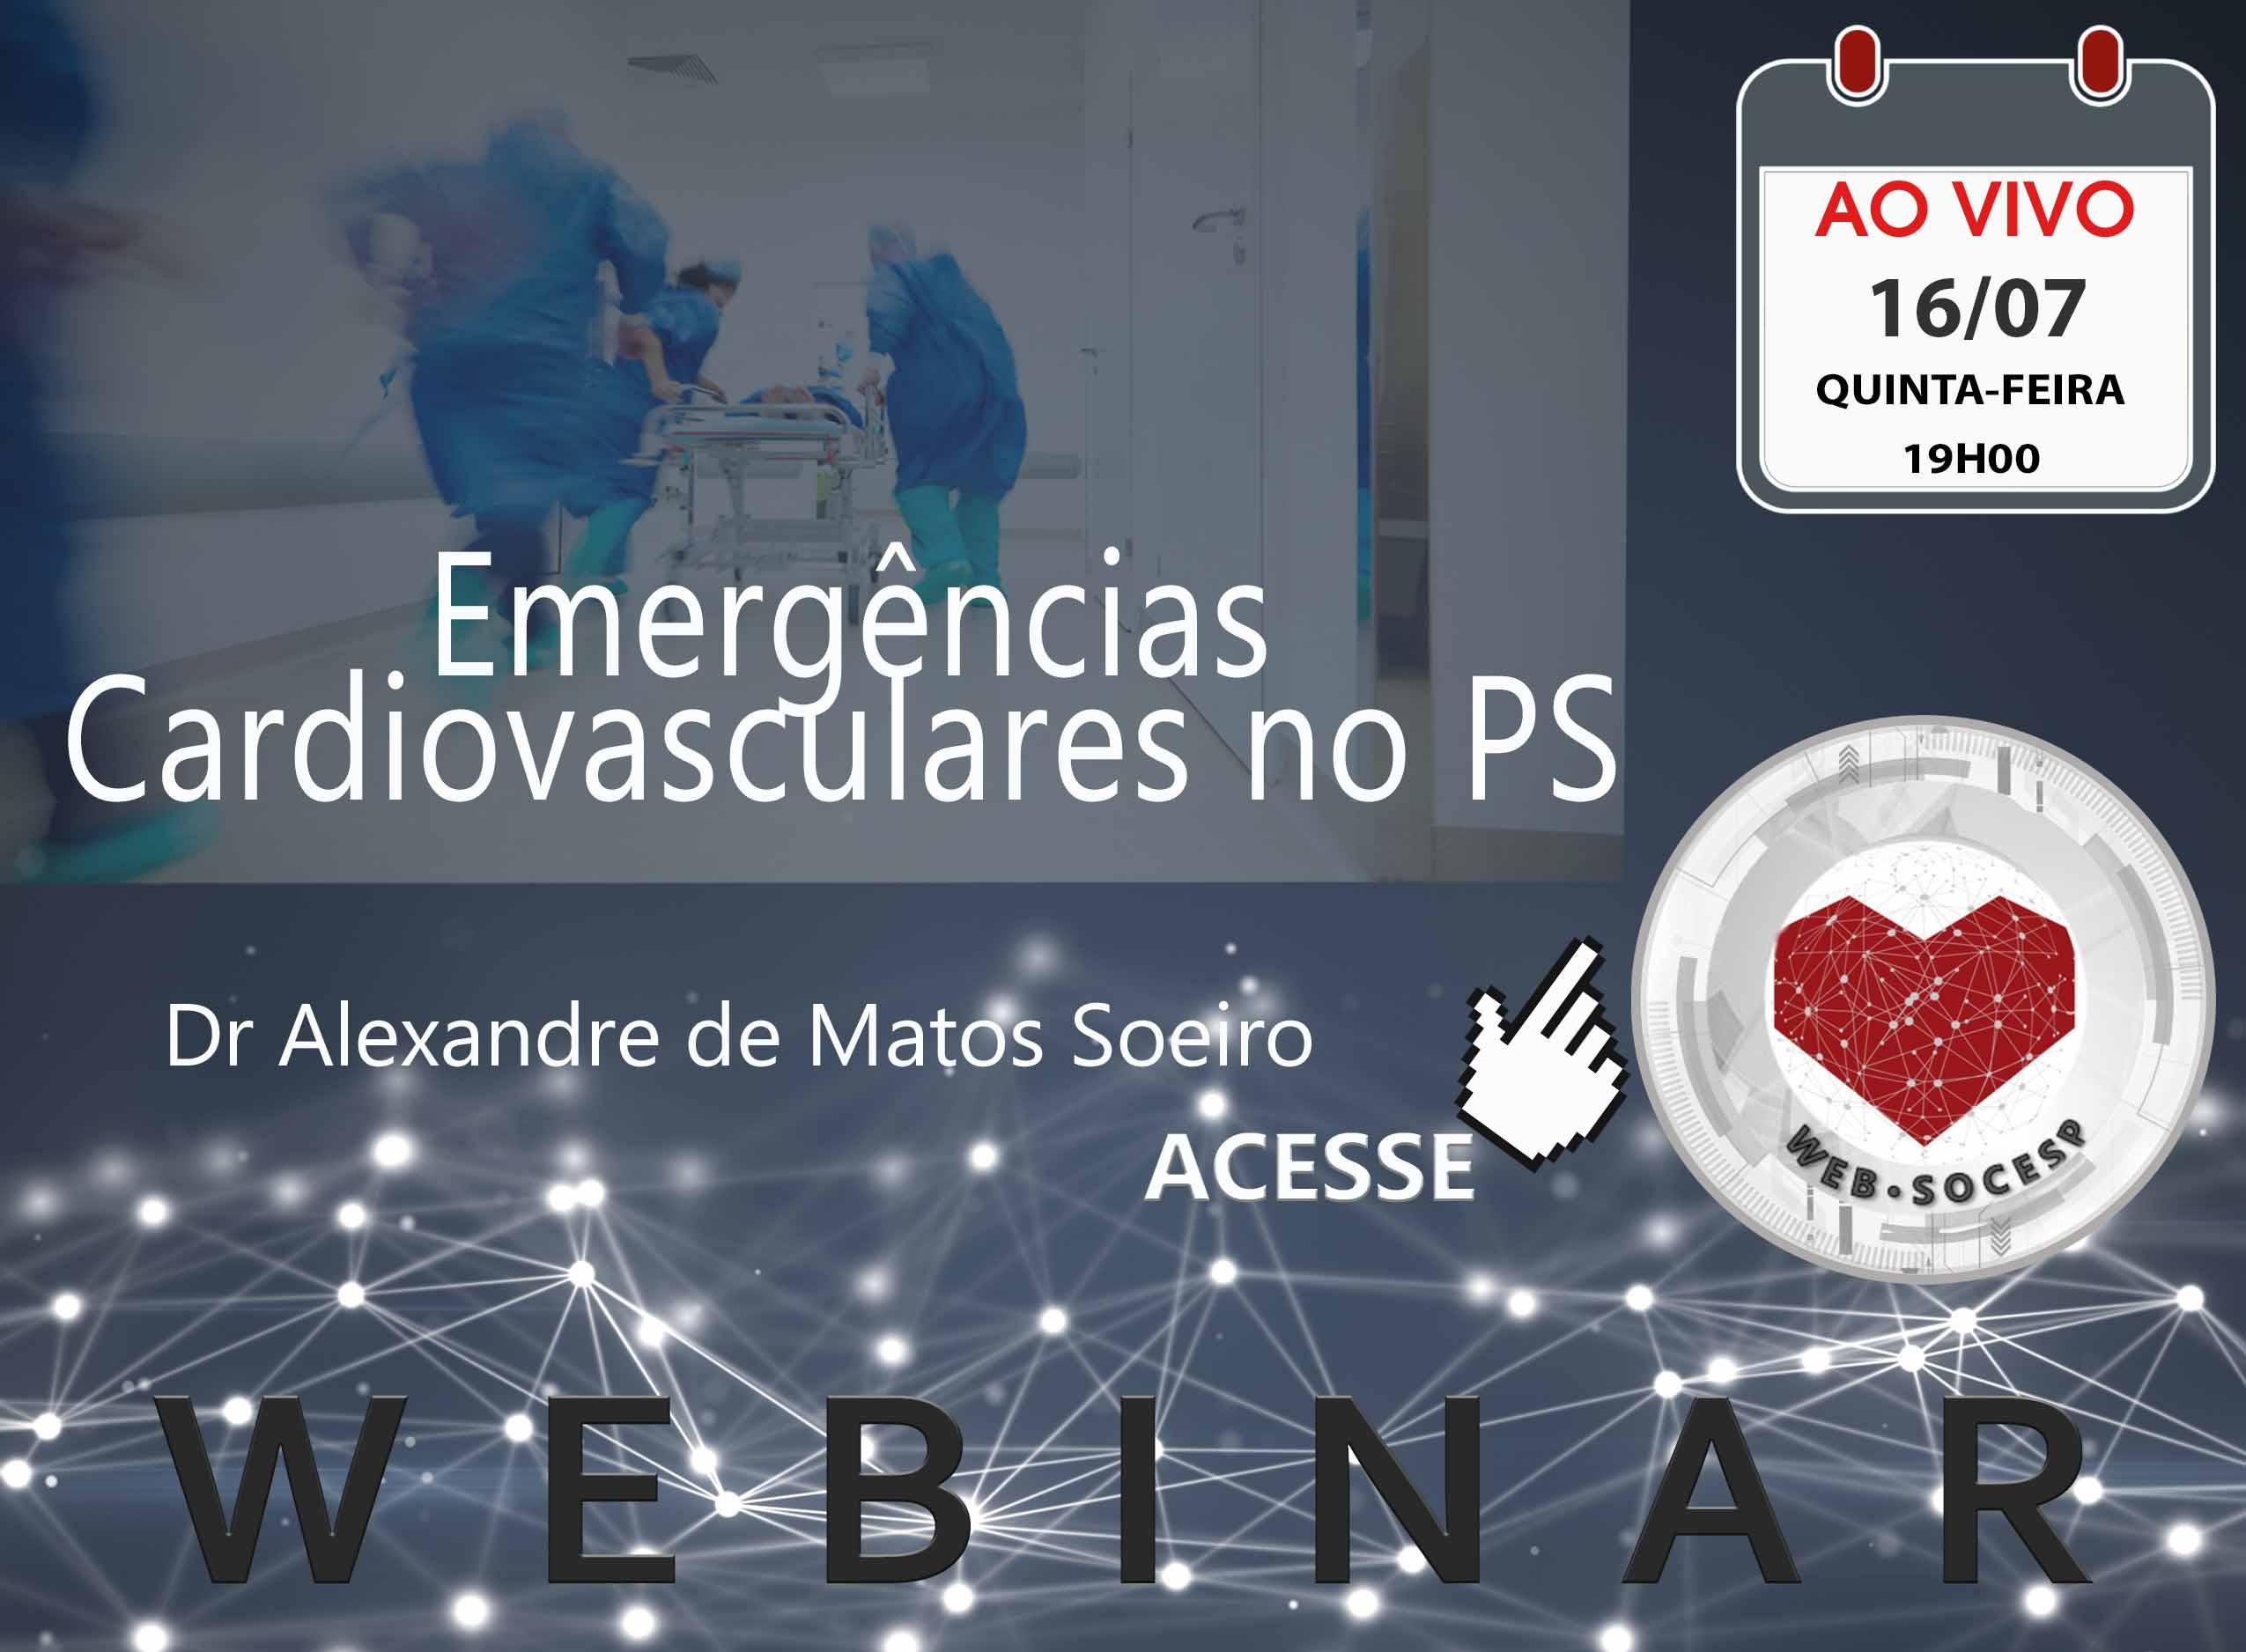 Imagem Marília - Emergências cardiovasculares no PS - Dr. Alexandre de Matos Soeiro